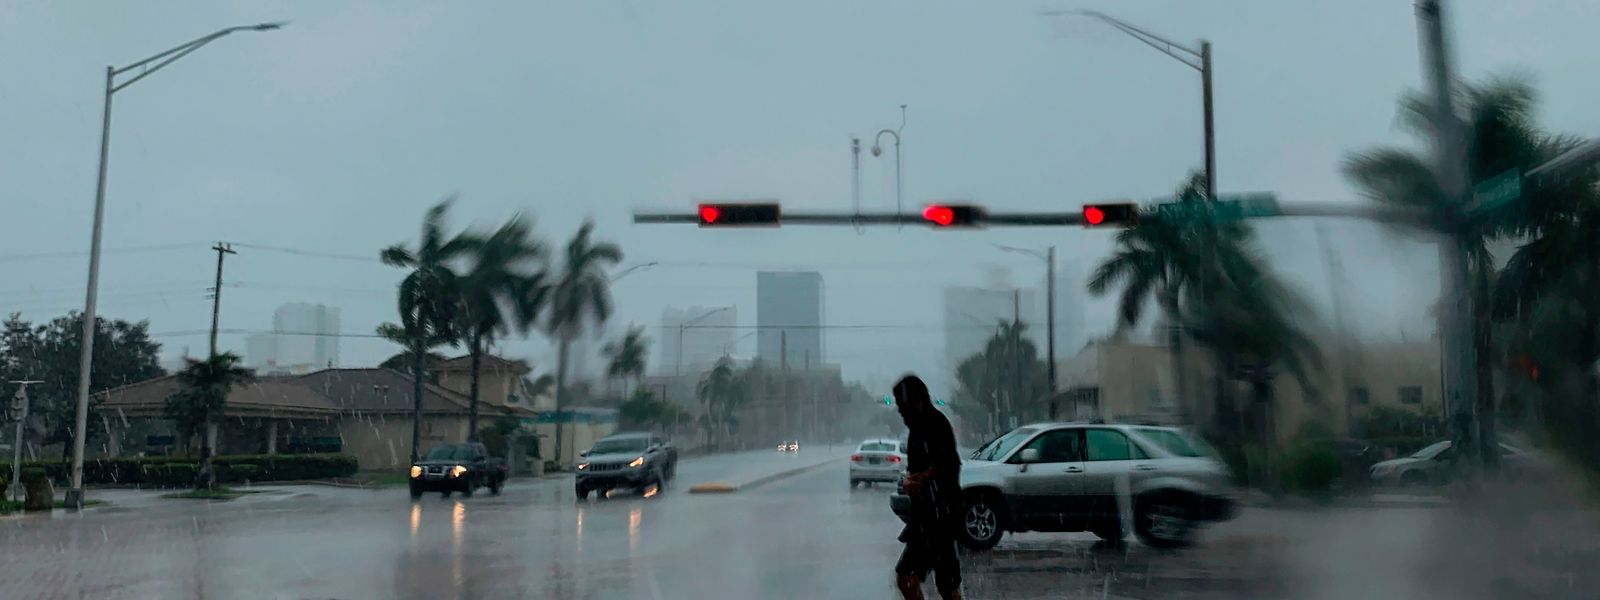 Après avoir frappé les Bahamas, les Floridiens retiennent leur souffle.